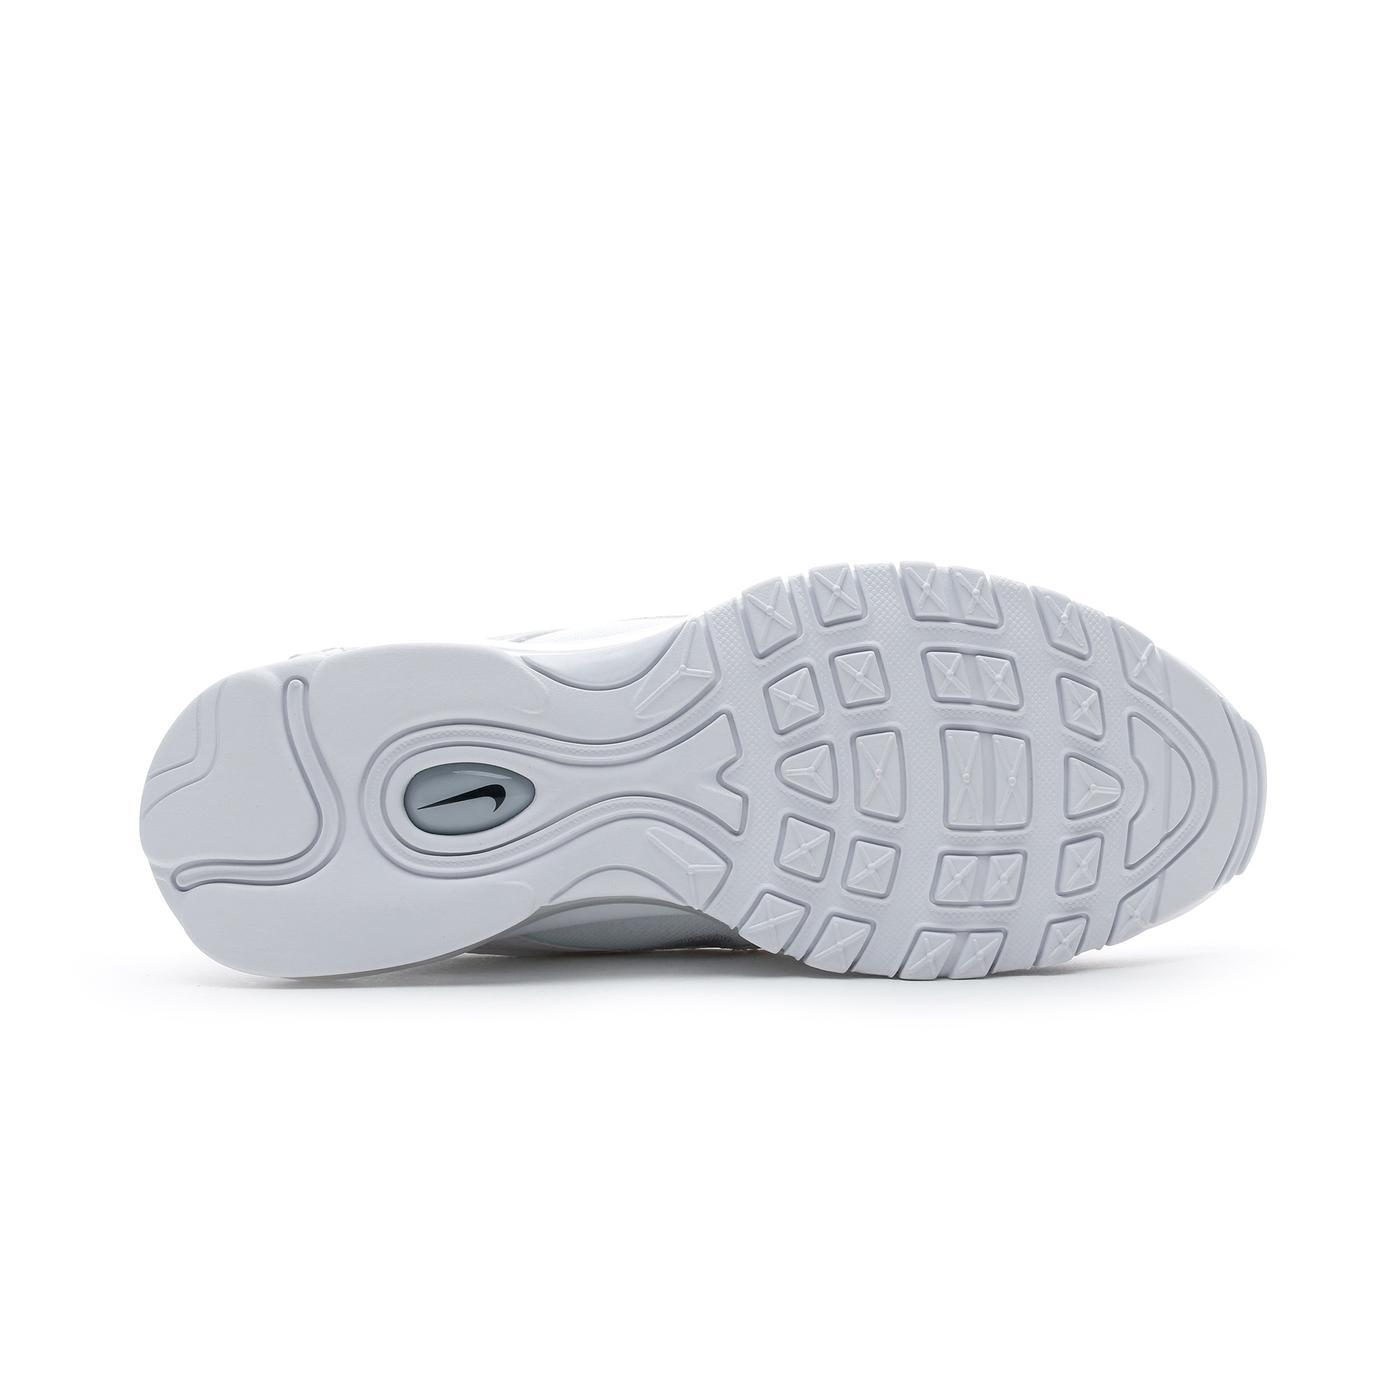 Nike Air Max 97 Beyaz Kadın Spor Ayakkabı